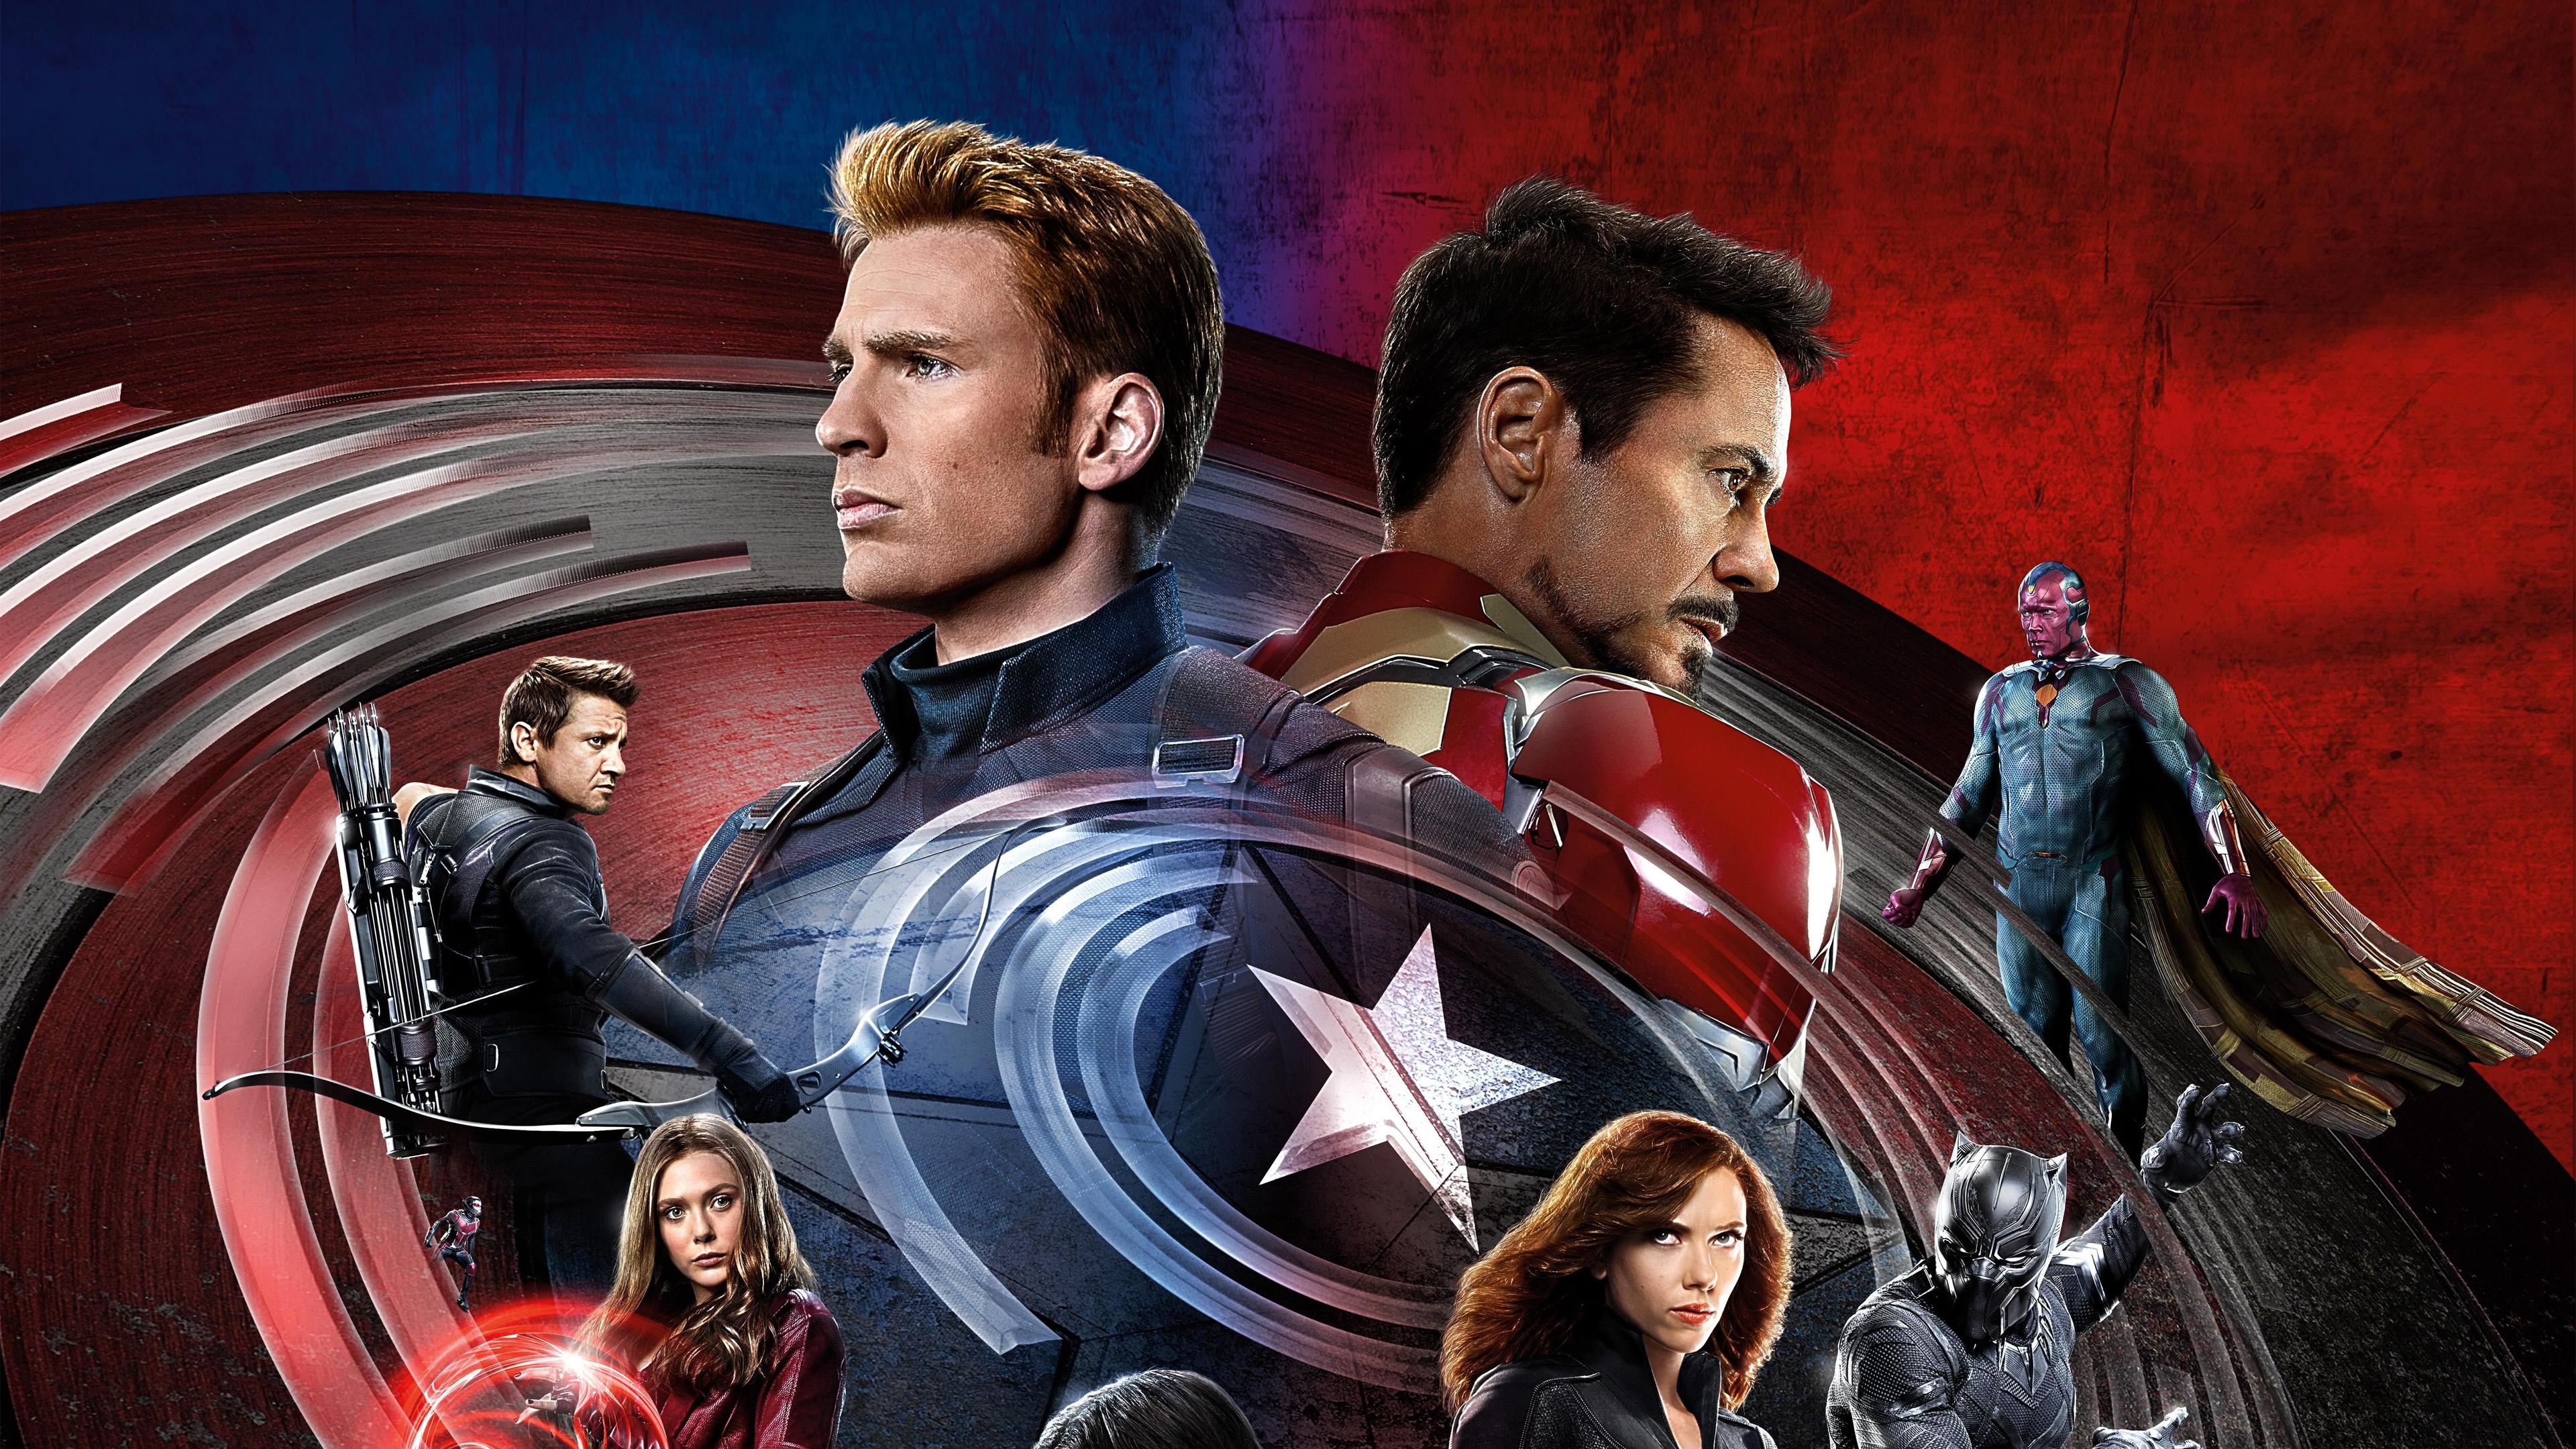 captain america civil war 4k 1550513672 - Captain America Civil War 4k - movies wallpapers, iron man wallpapers, hd-wallpapers, captain america wallpapers, captain america civil war wallpapers, 4k-wallpapers